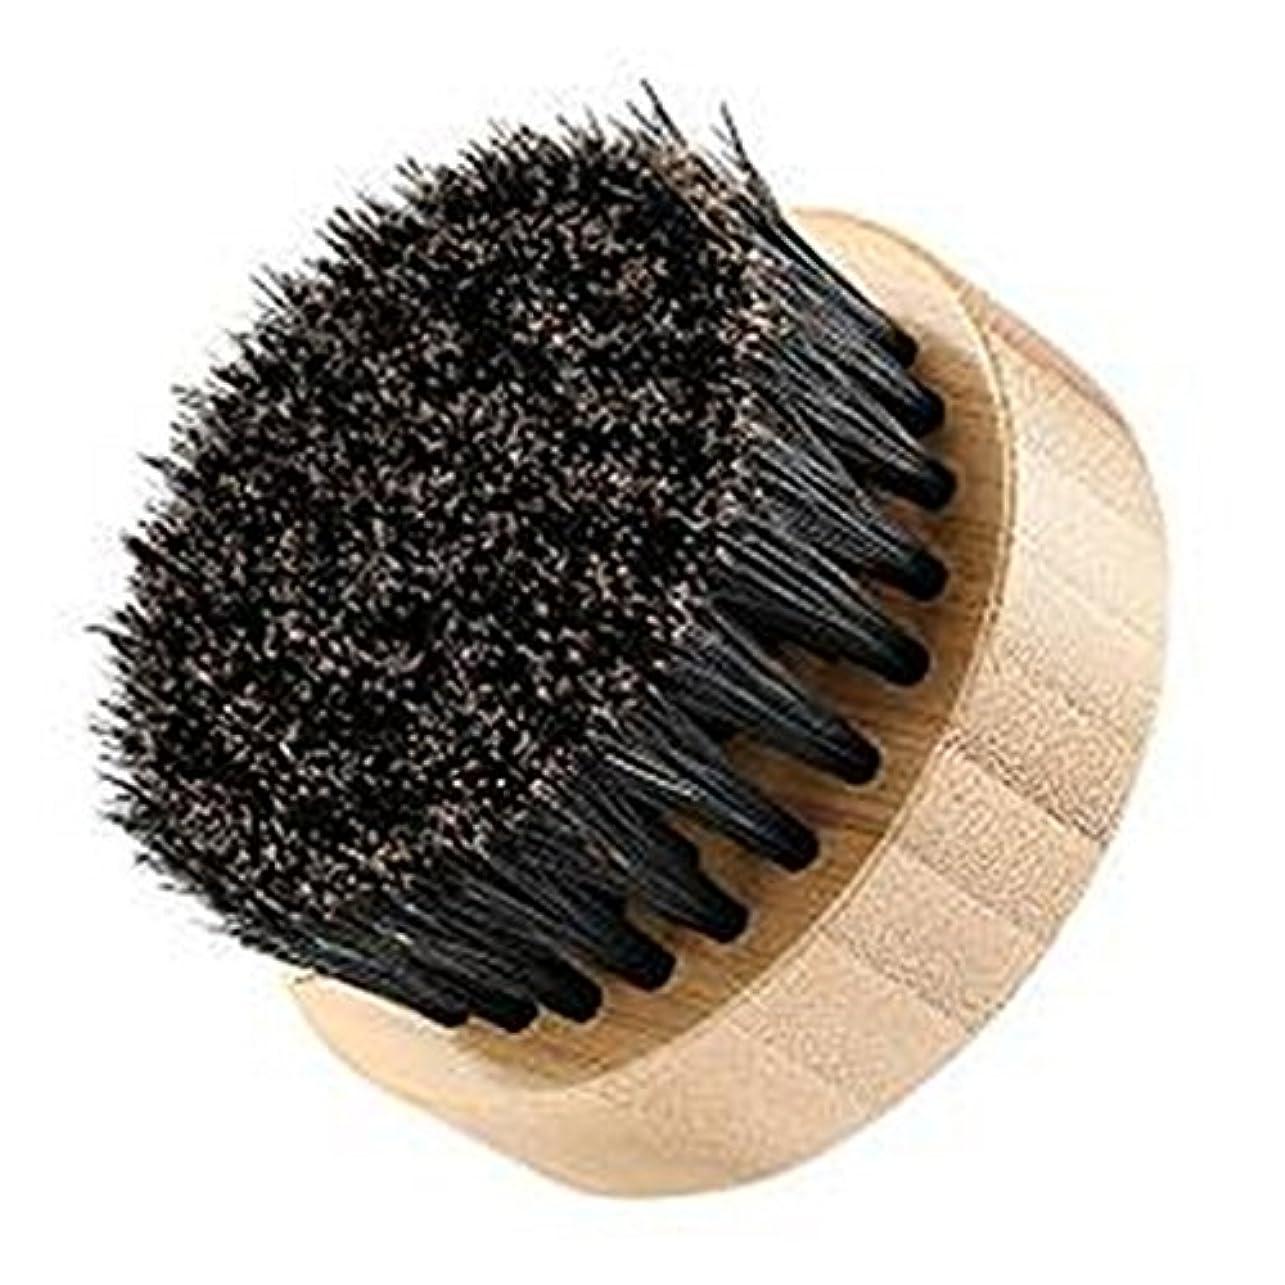 させるマウントバンク実施するLUXWELL(ラクスウェル) ブラシ 100% 豚毛ブラシ 天然木 髭ブラシ FH-130